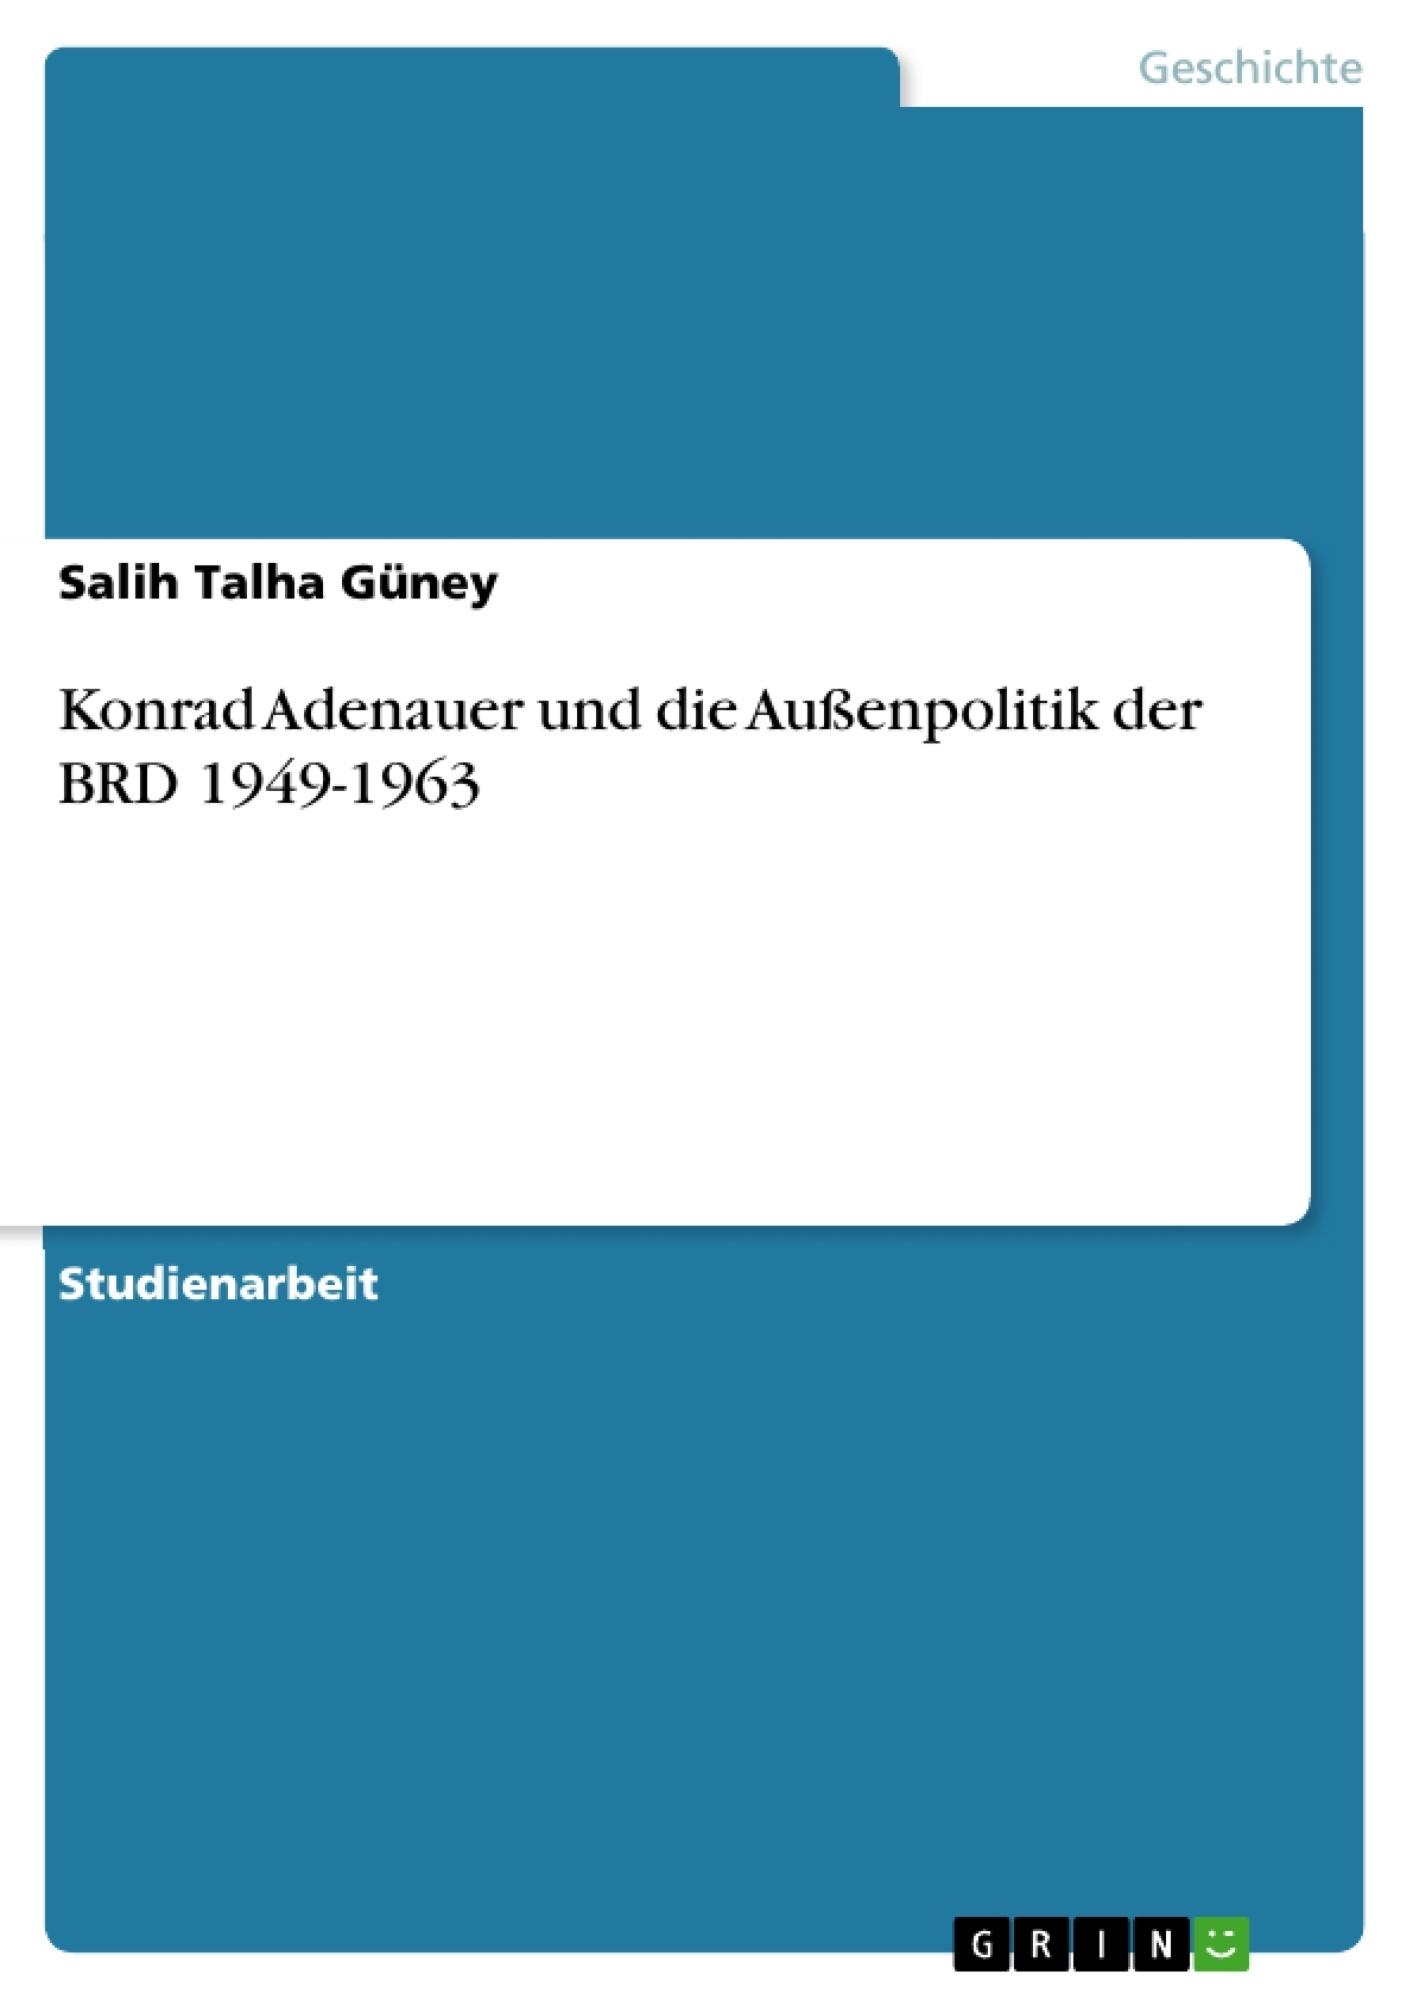 Titel: Konrad Adenauer und die Außenpolitik der BRD 1949-1963